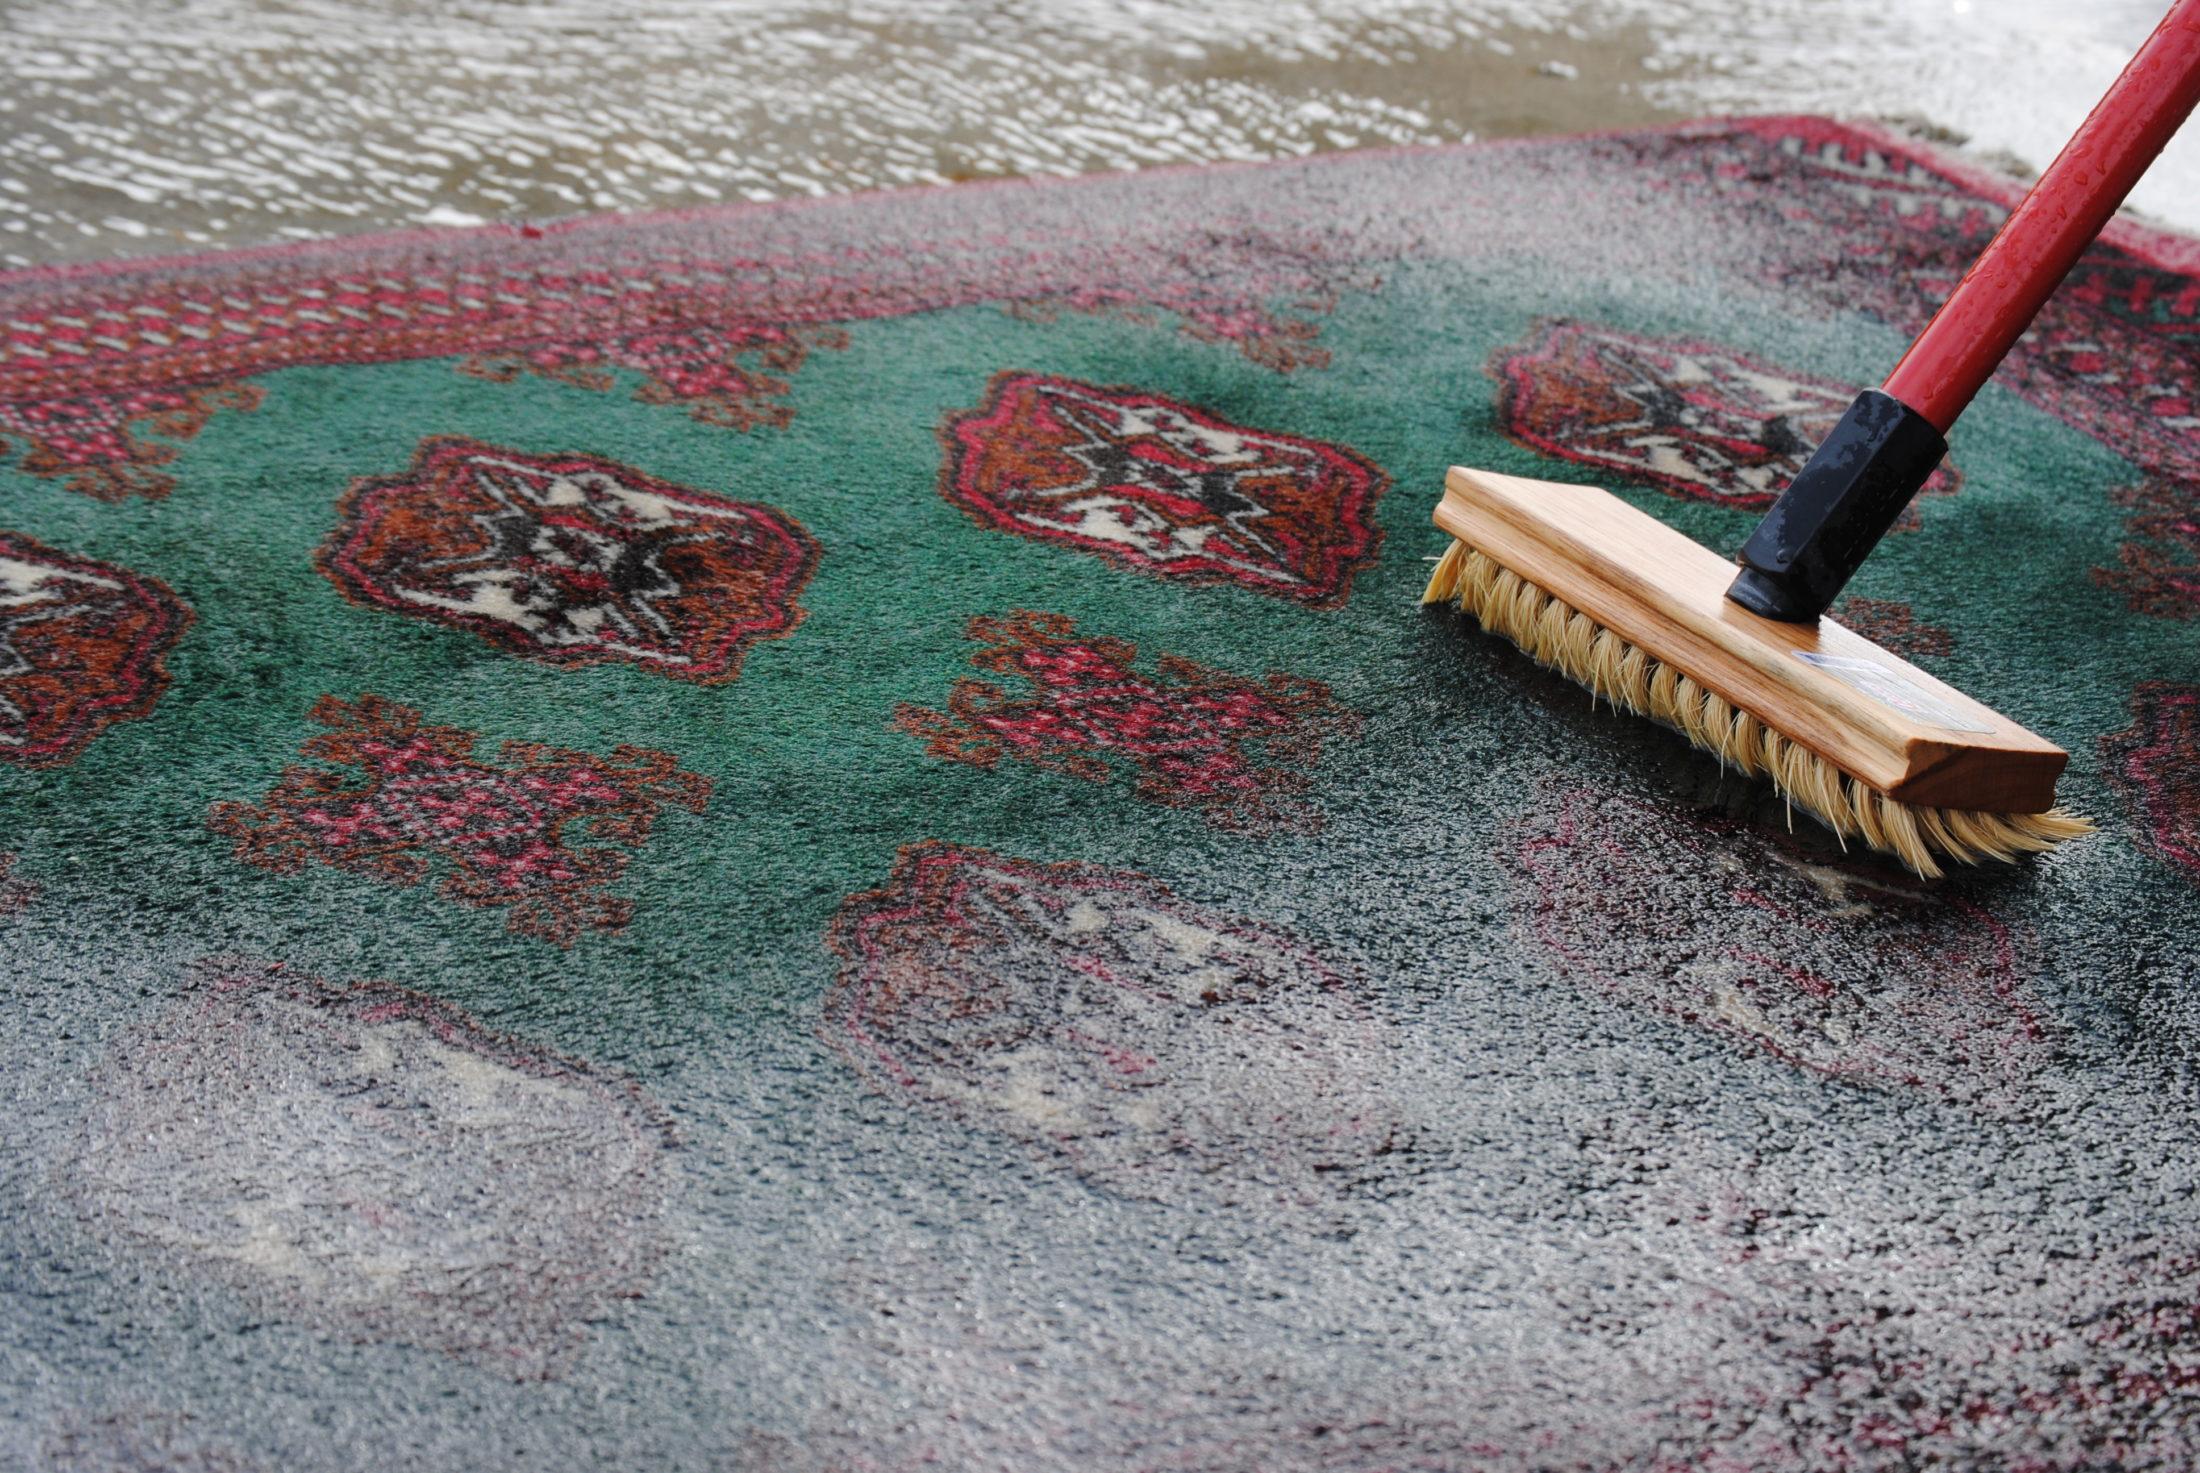 Washing a persian rug